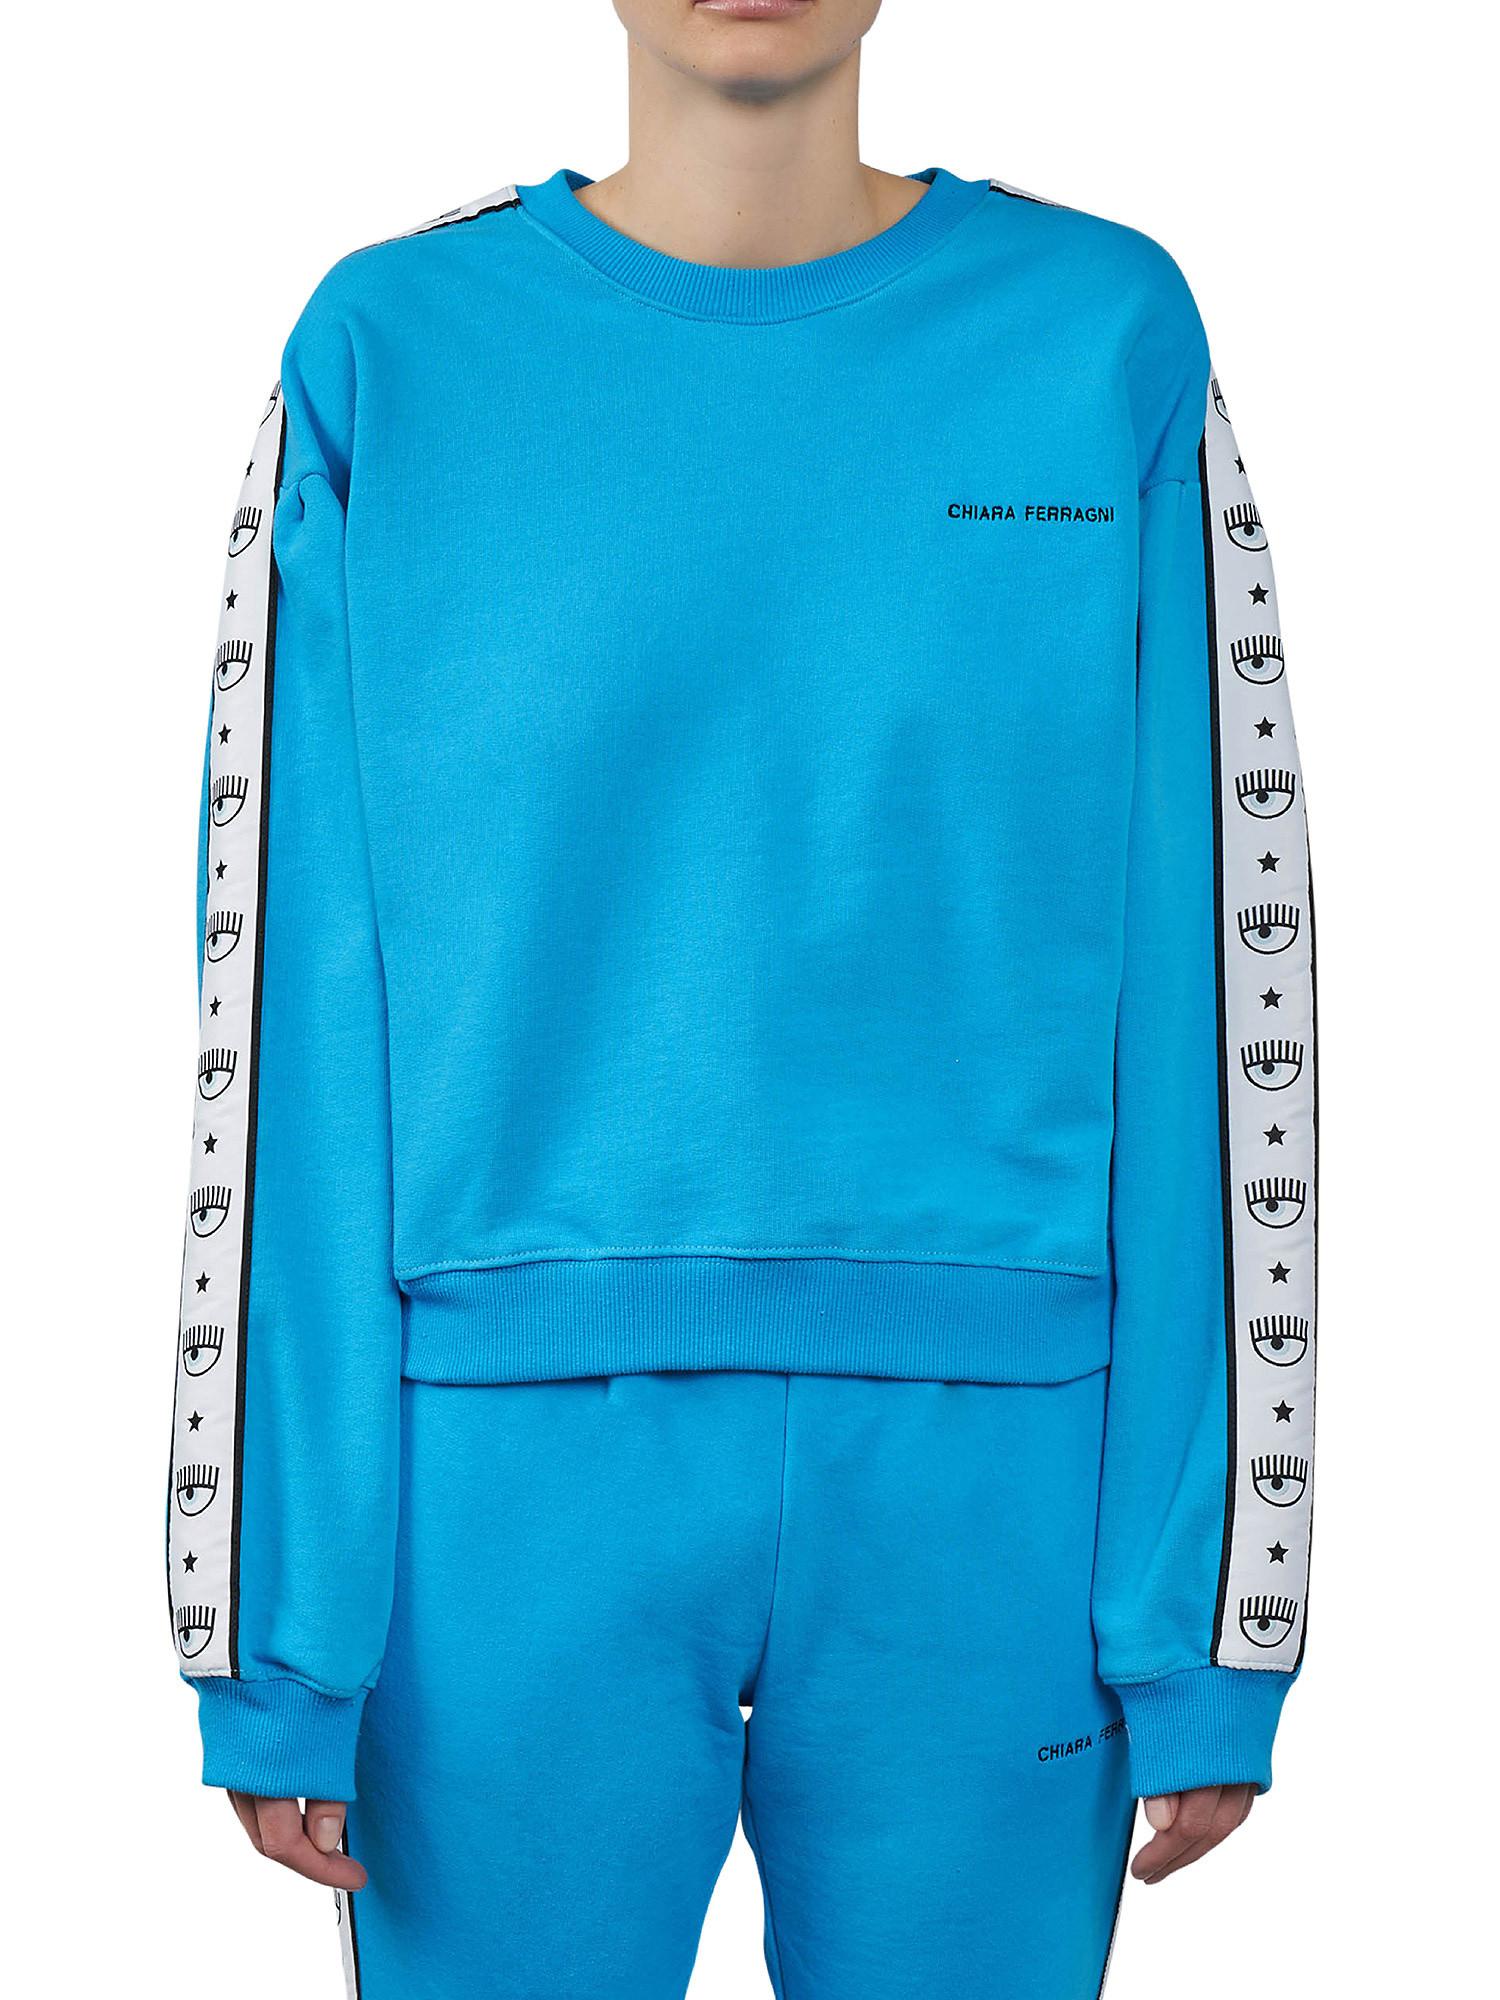 Maxi sleeve Logomania sweatshirt, Azzurro turchese, large image number 1